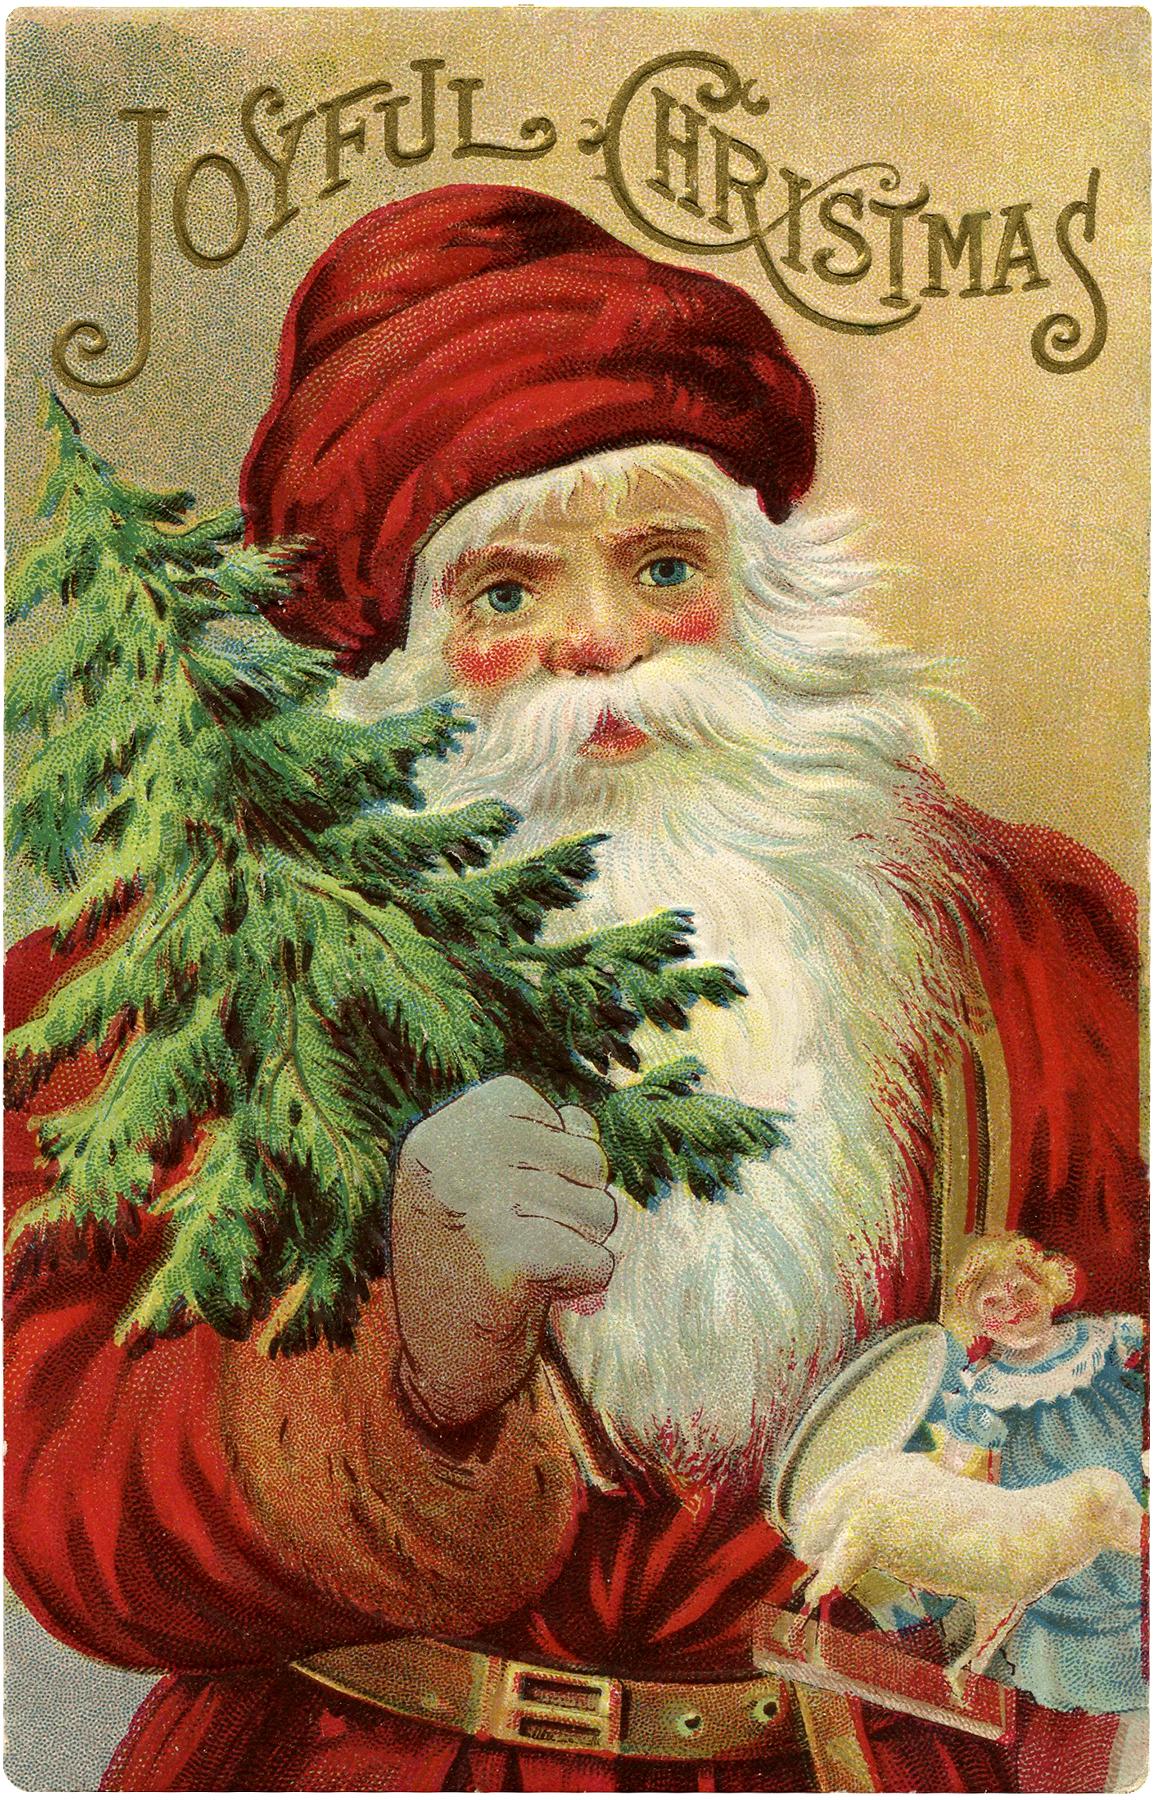 Vintage Christmas Santa Image - Wonderful!